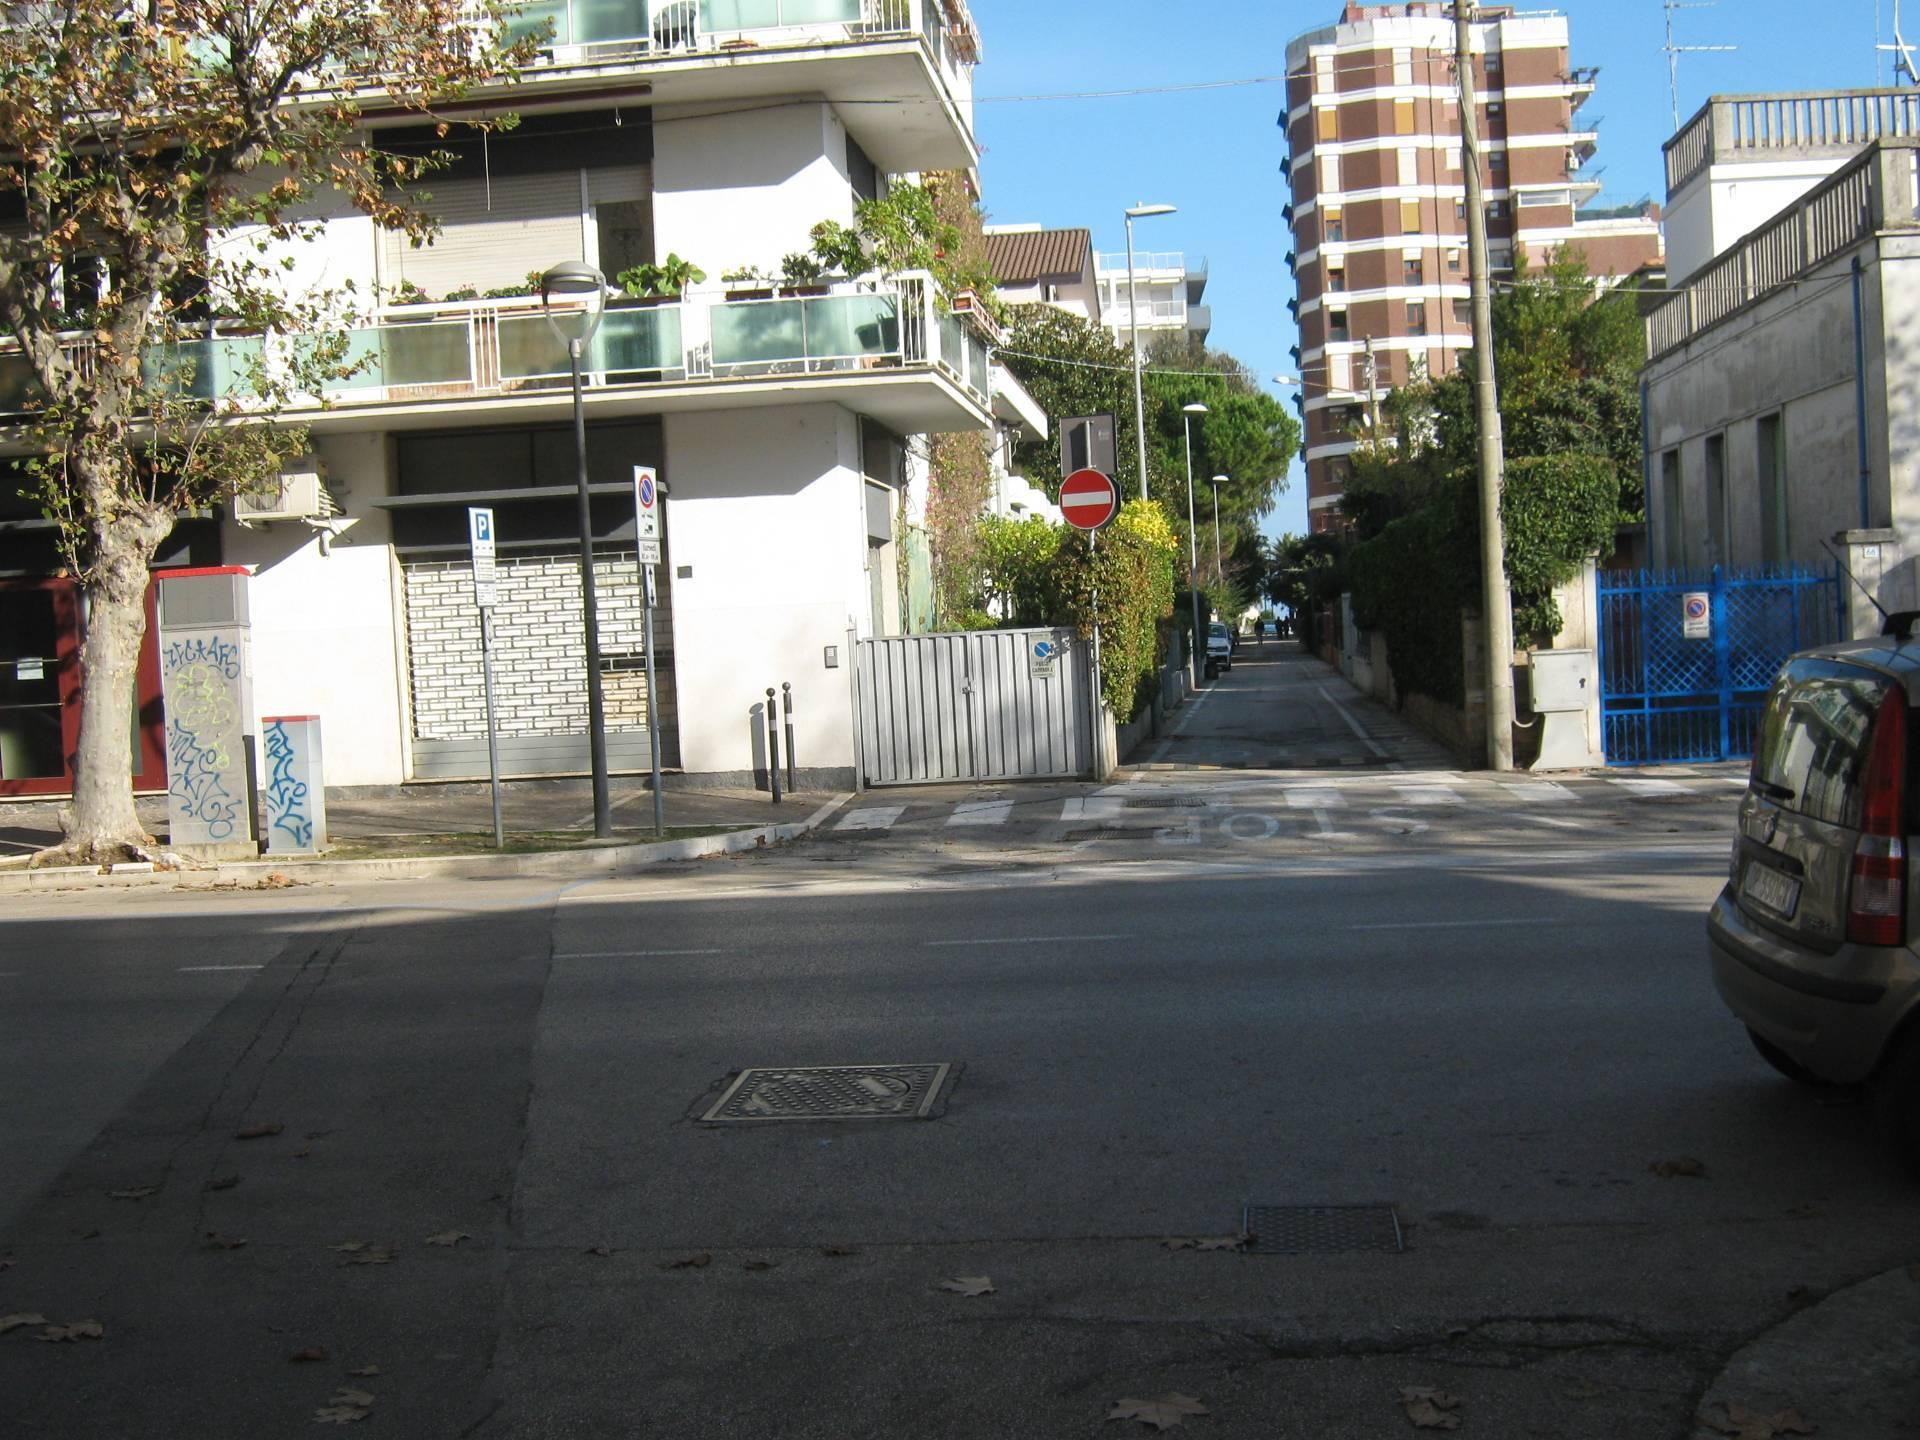 Attico / Mansarda in vendita a Giulianova, 3 locali, zona Località: Lido, prezzo € 155.000   PortaleAgenzieImmobiliari.it